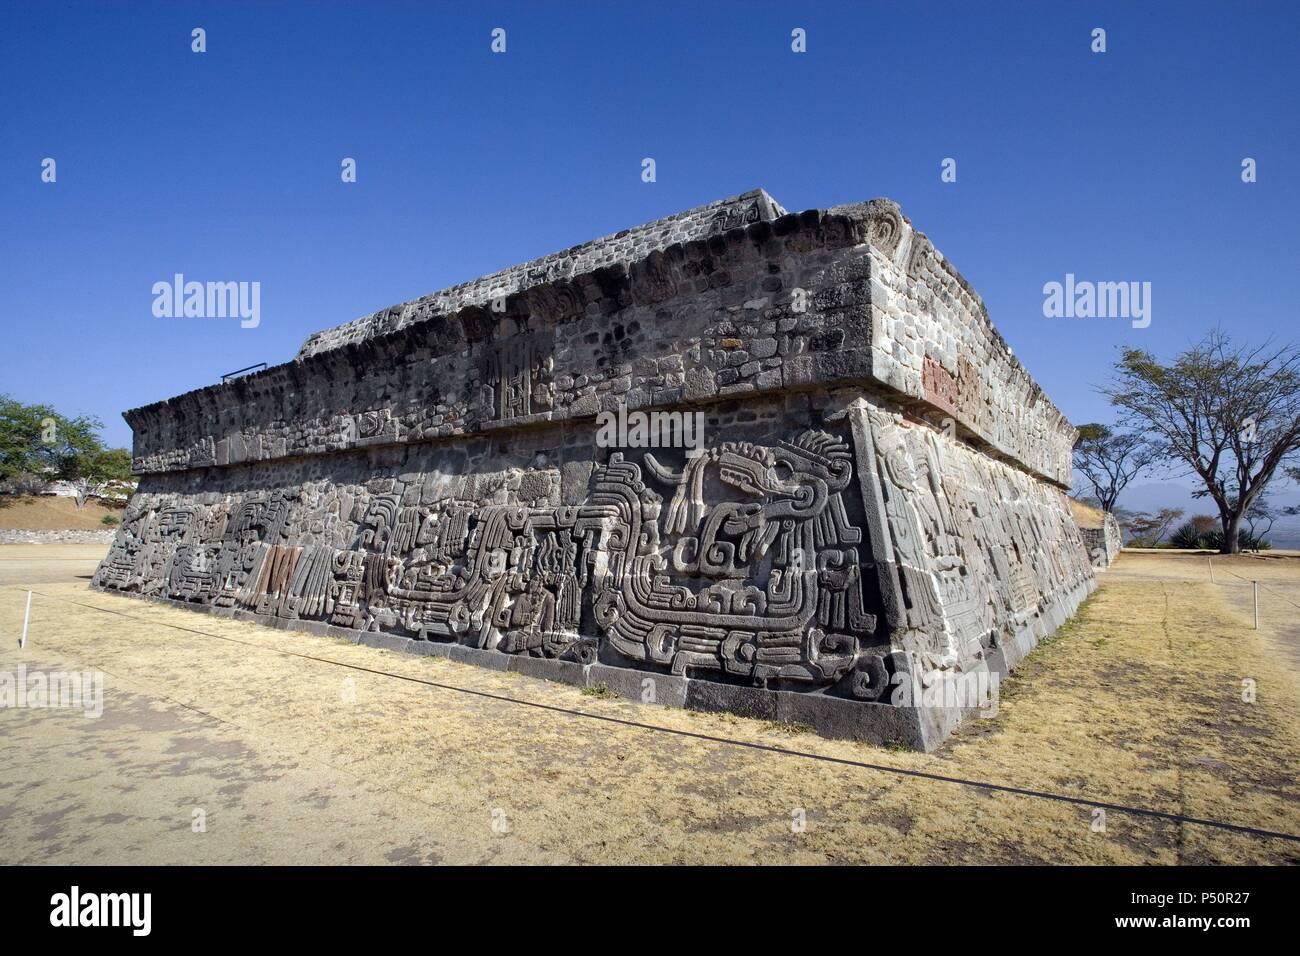 ARTE PRECOLOMBINO. MEXICO. TEMPLO DE QUETZALCOATL o DE LA SERPIENTE EMPLUMADA. Periodo Epiclásico (650-900). Vista parcial. SITIO ARQUEOLOGICO DE XOCHICALCO (Patrimonio de la Humanidad por la UNESCO). Cercanías de Cuernava. Estado de Morelos. - Stock Image